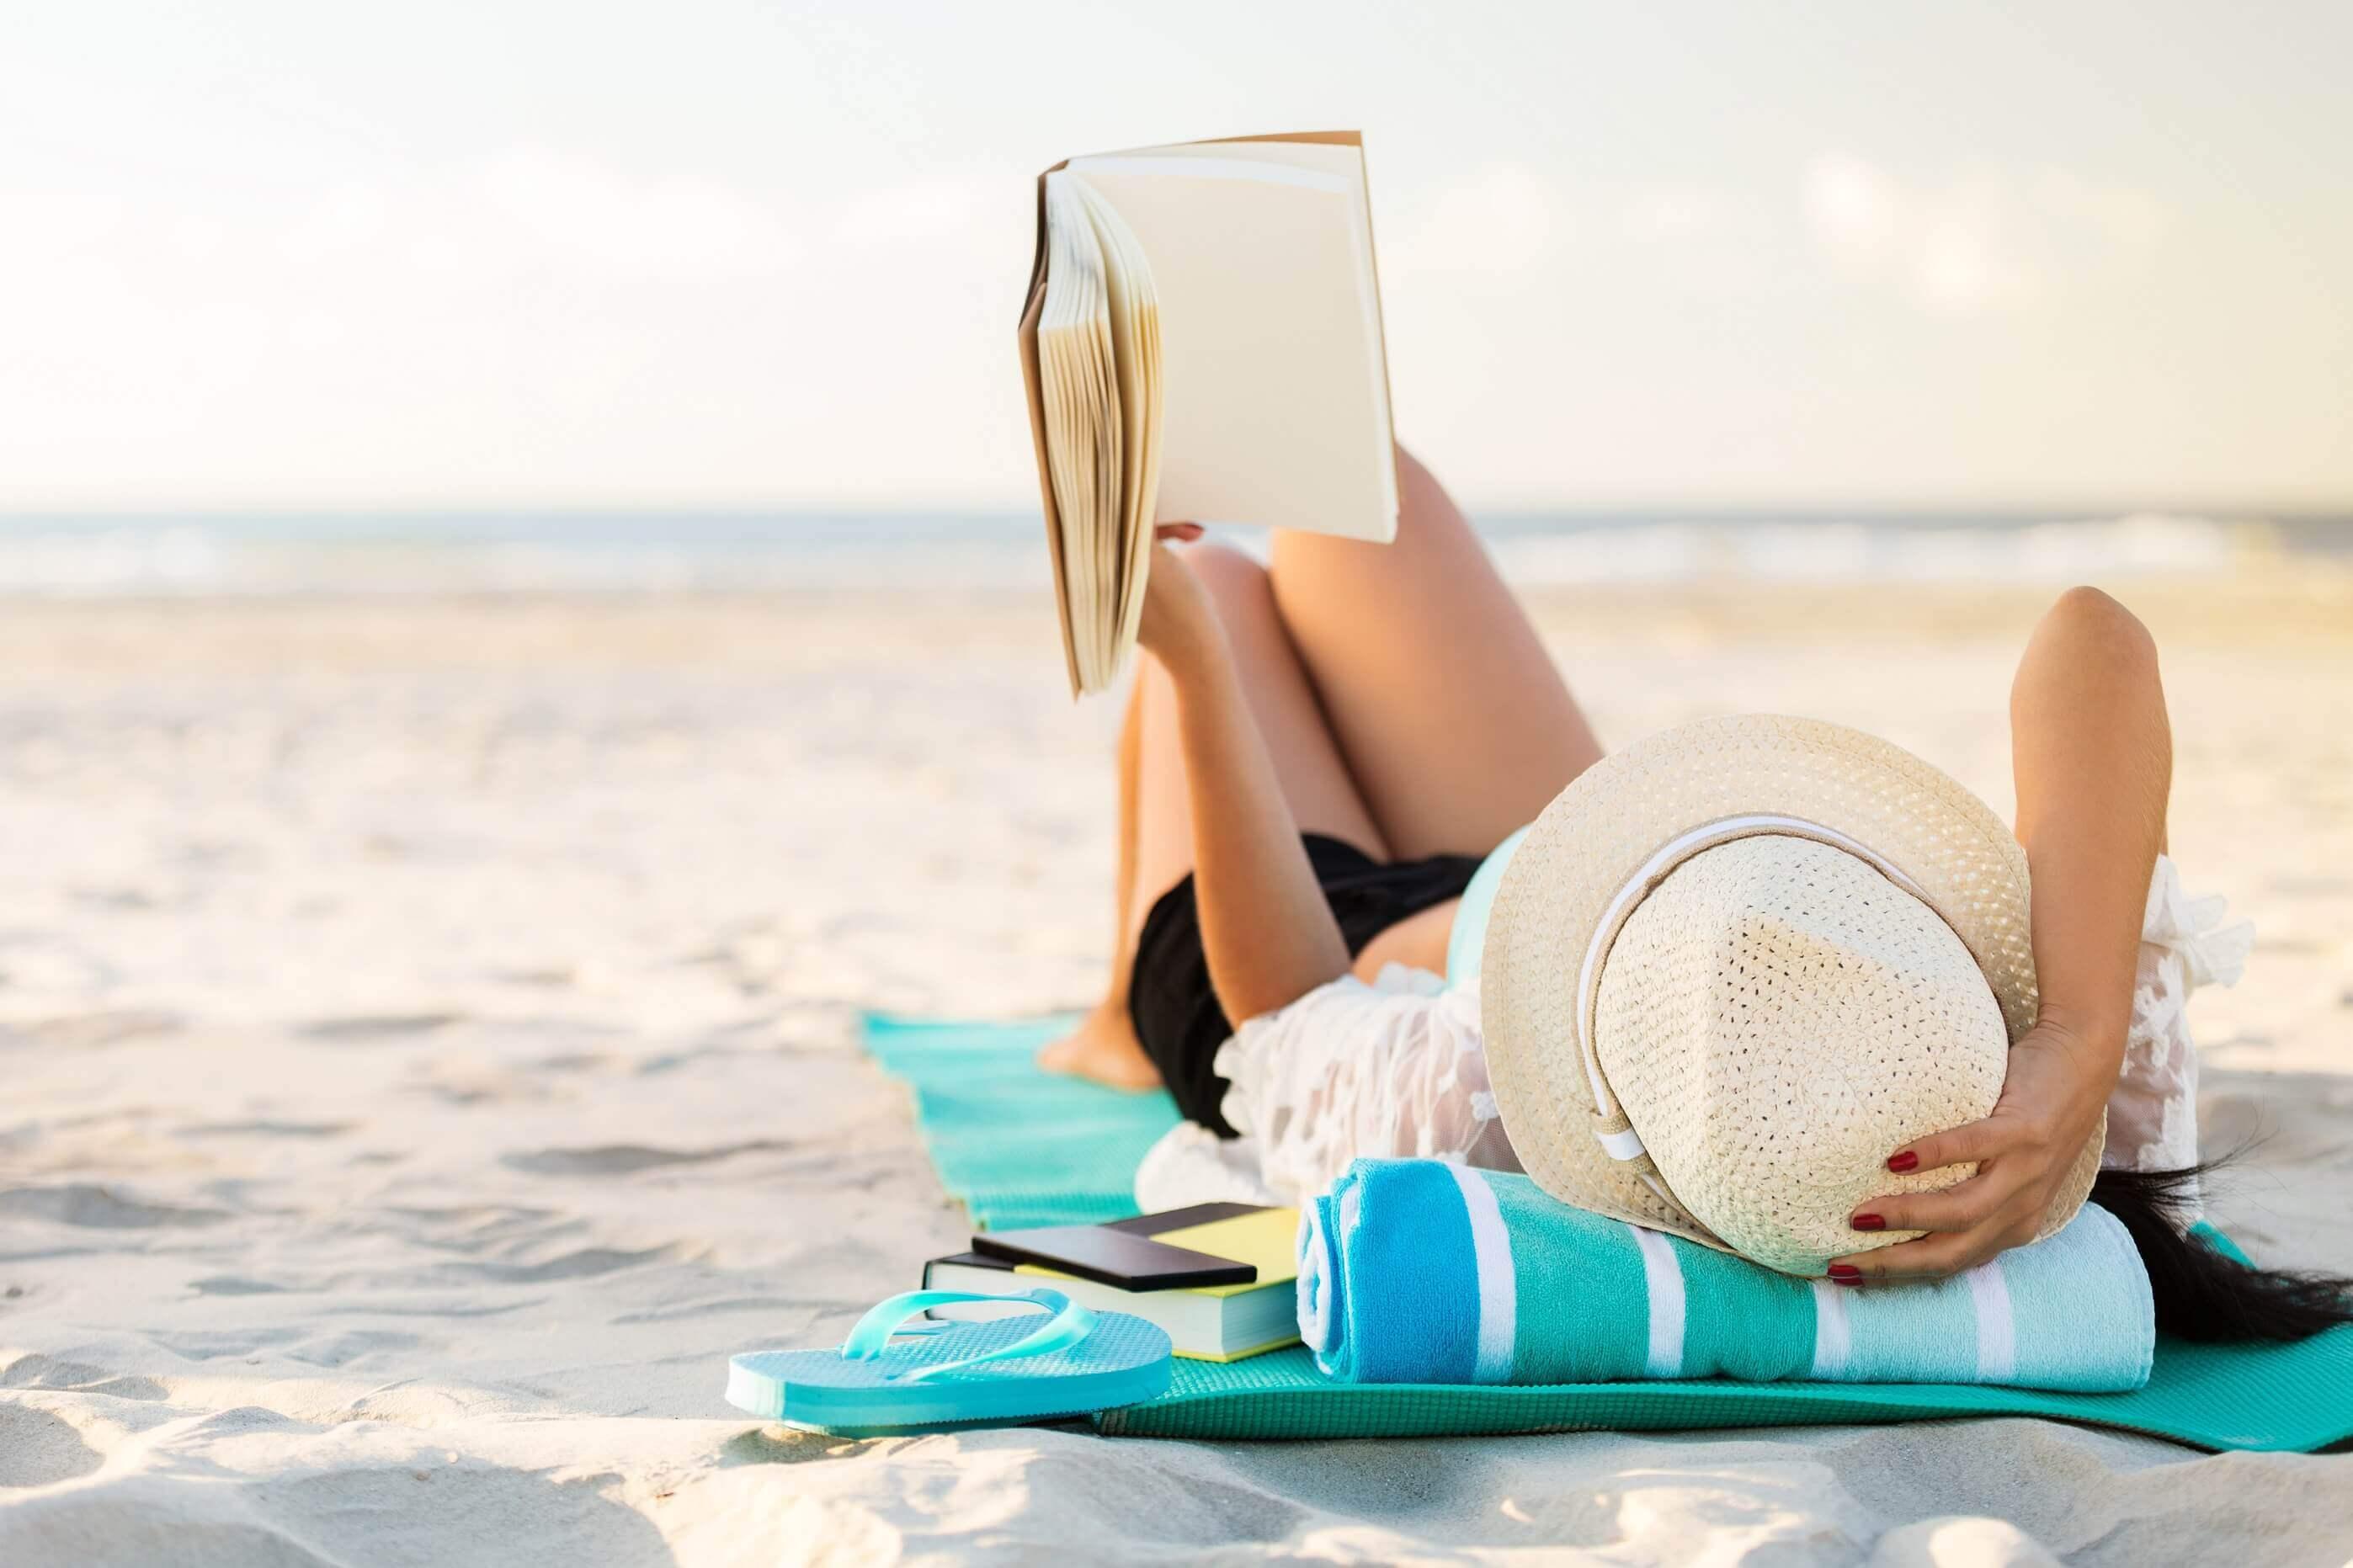 Entspannter Urlaub: Am Strand relaxen und ein gutes Buch lesen